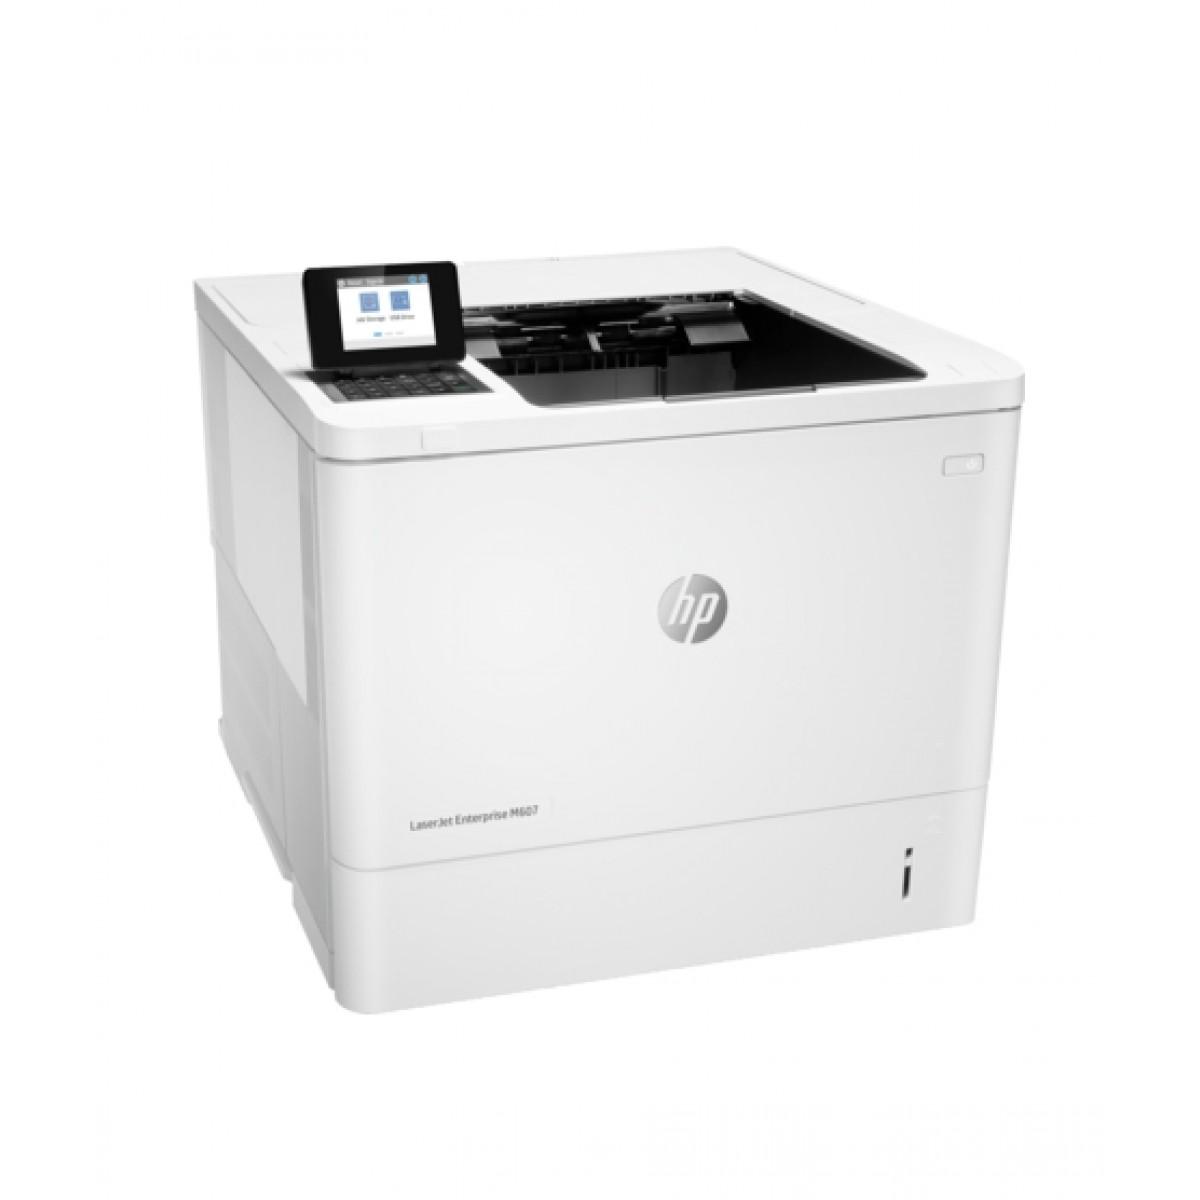 HP LaserJet Enterprise M607DN Printer (K0Q15A)